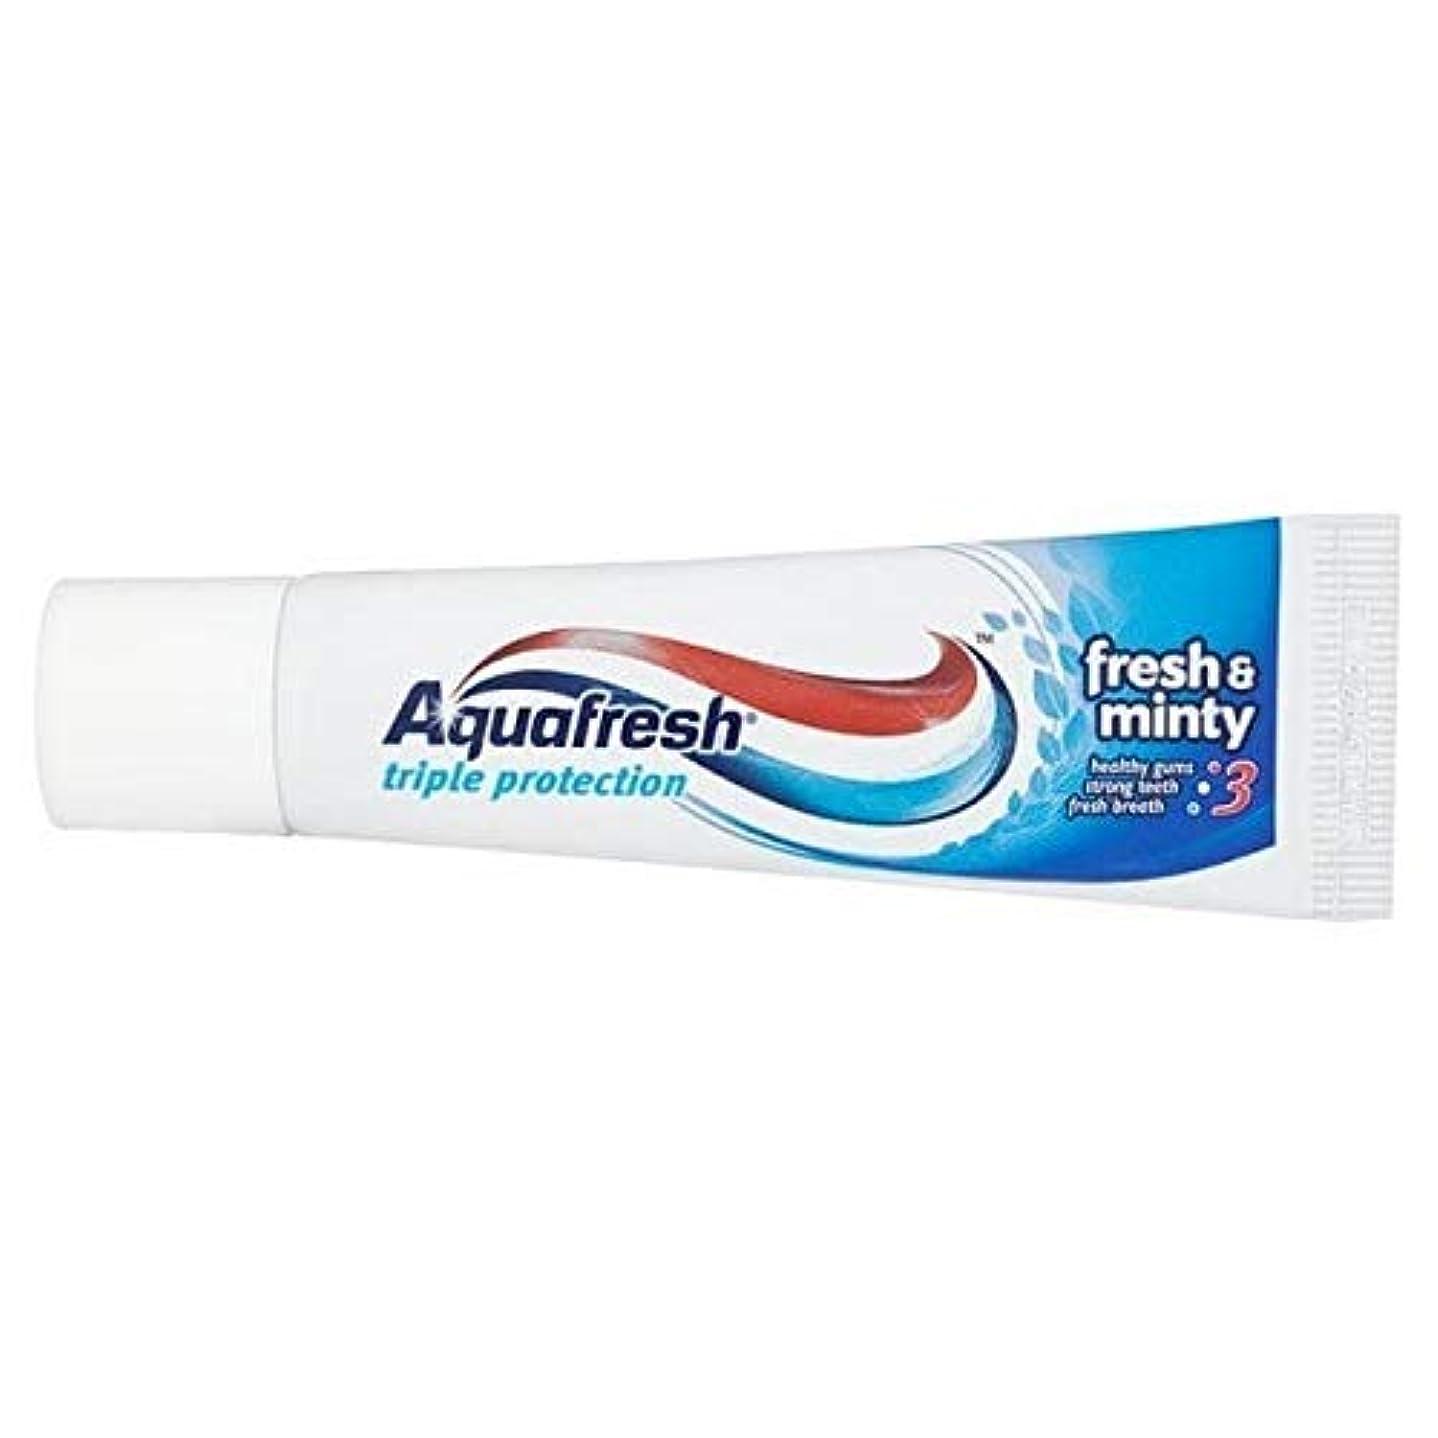 先行する慣れるポンペイ[Aquafresh ] アクアフレッシュフレッシュ&ミントフッ化物歯磨き粉20ミリリットル - Aquafresh Fresh & Minty Fluoride Toothpaste 20ml [並行輸入品]